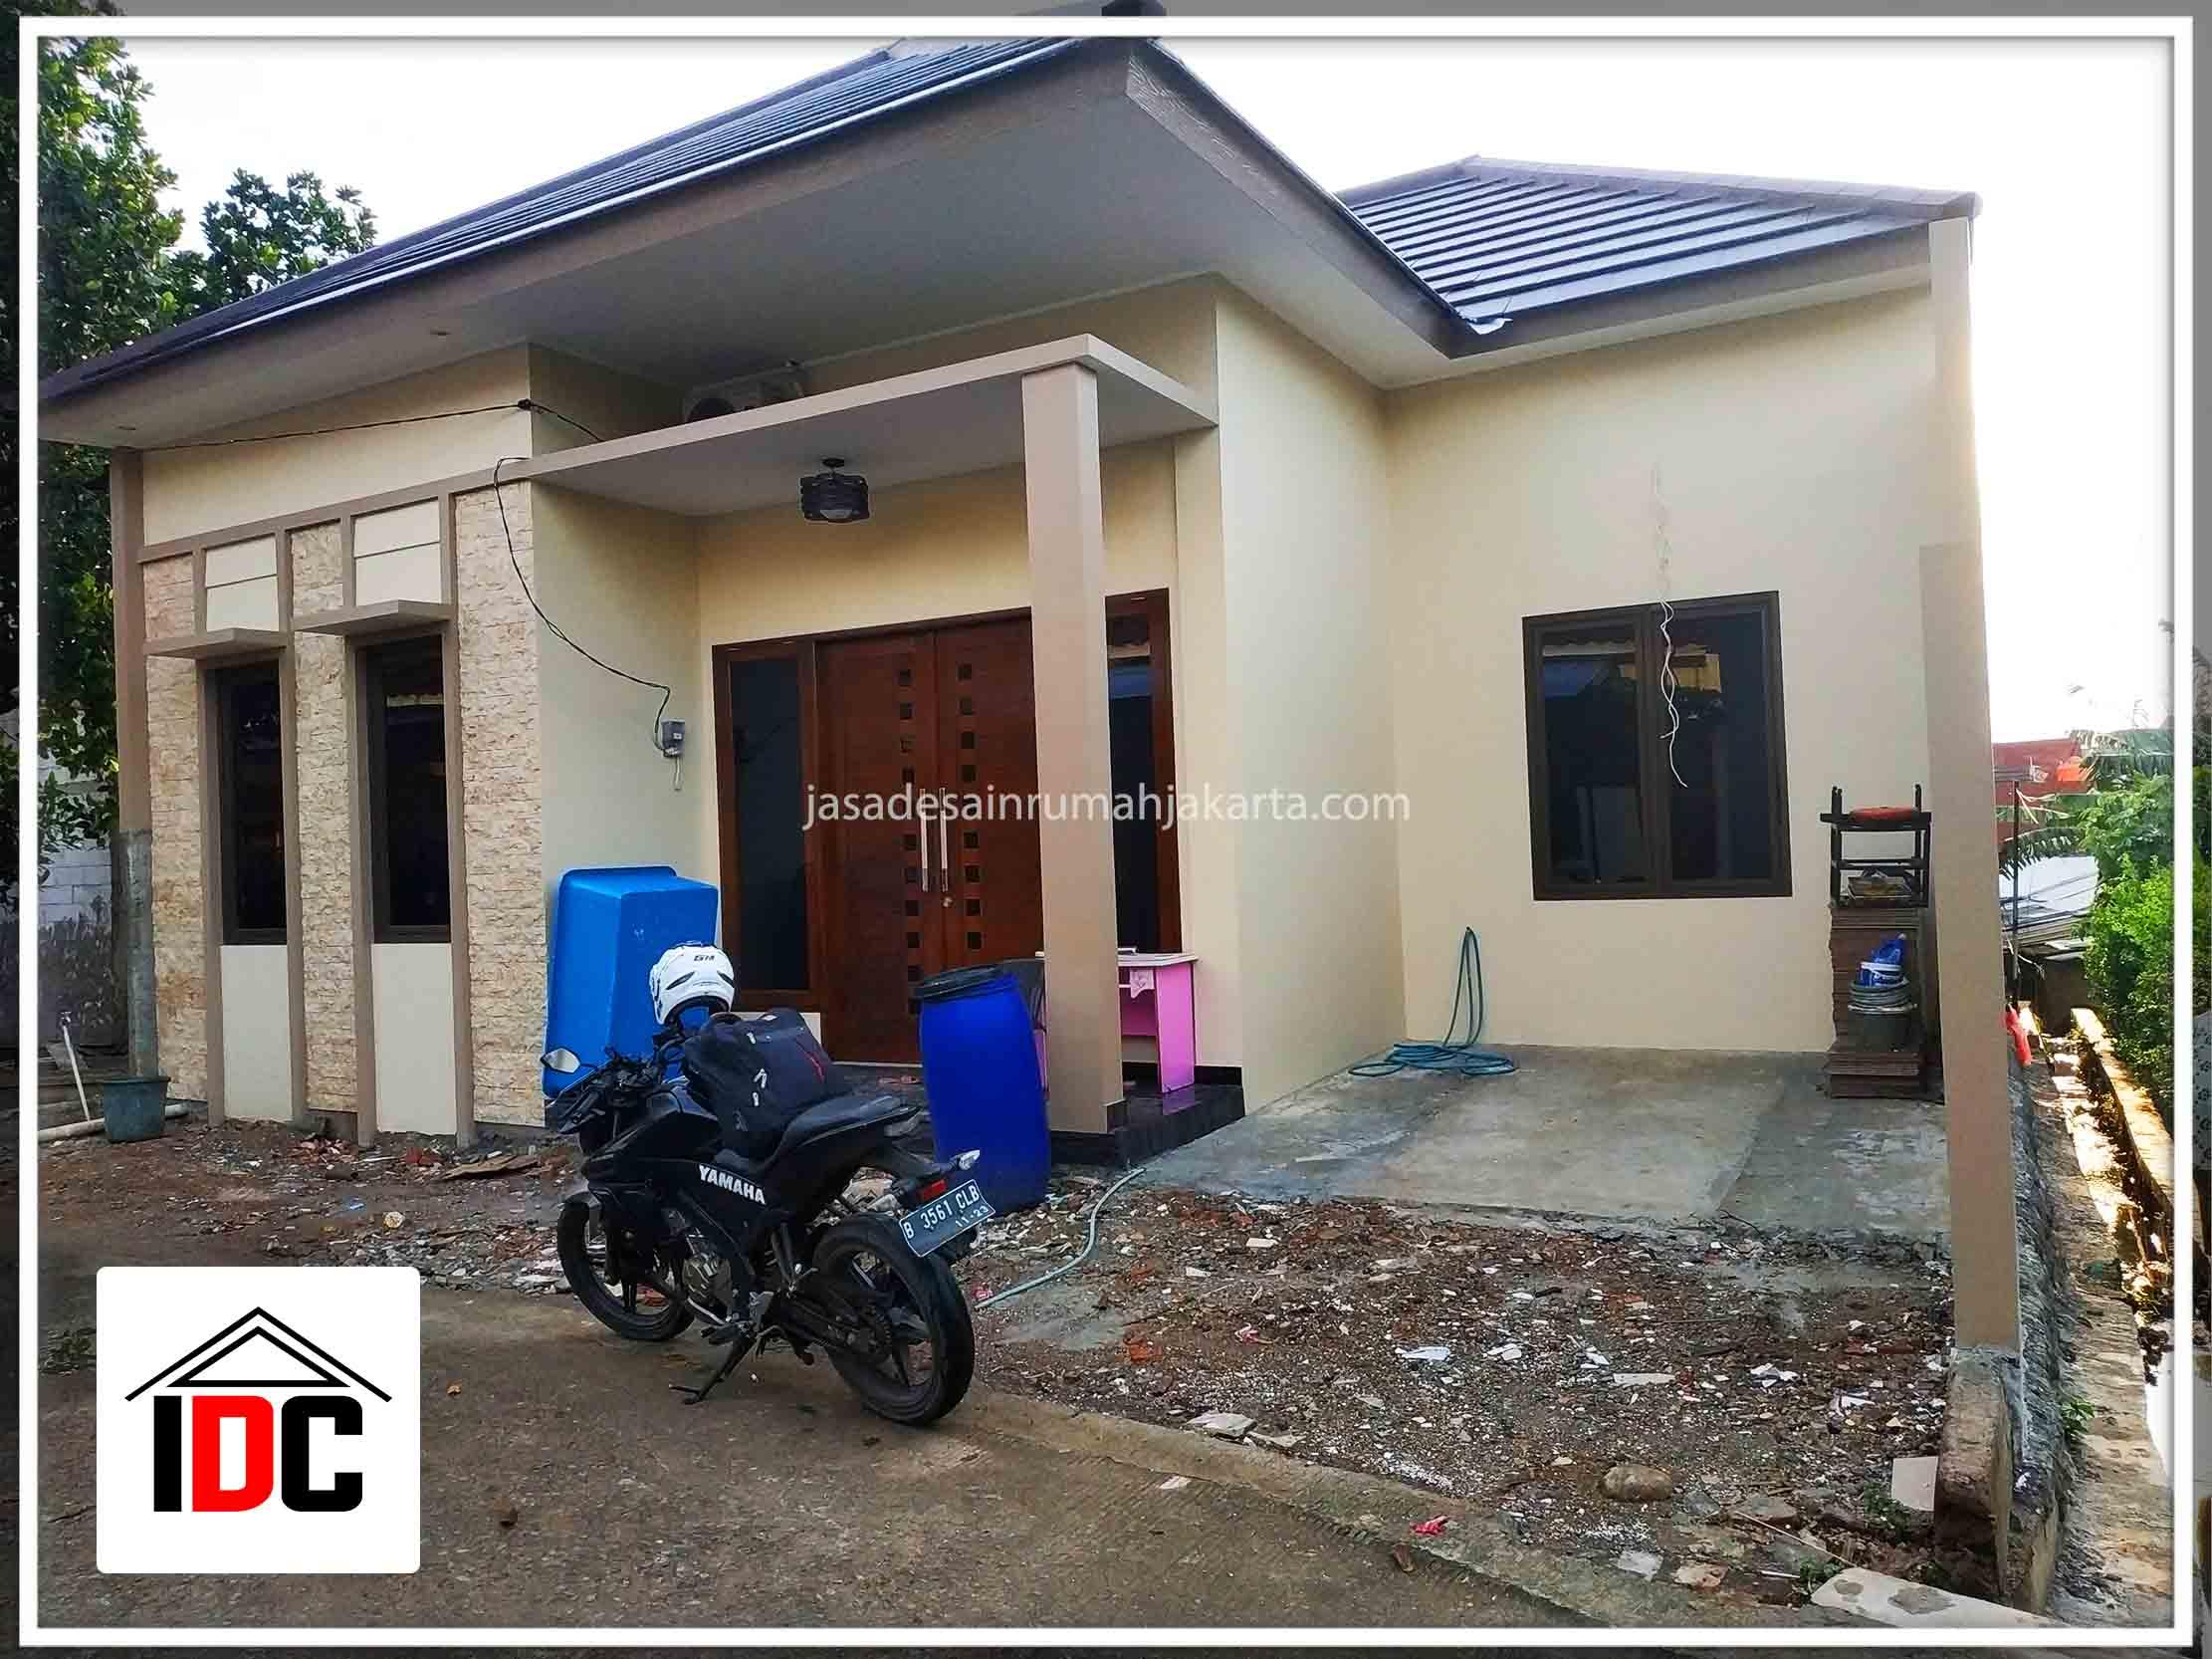 Realisasi Desain Rumah Minimalis Ibu Citra Kunjungan April 2019